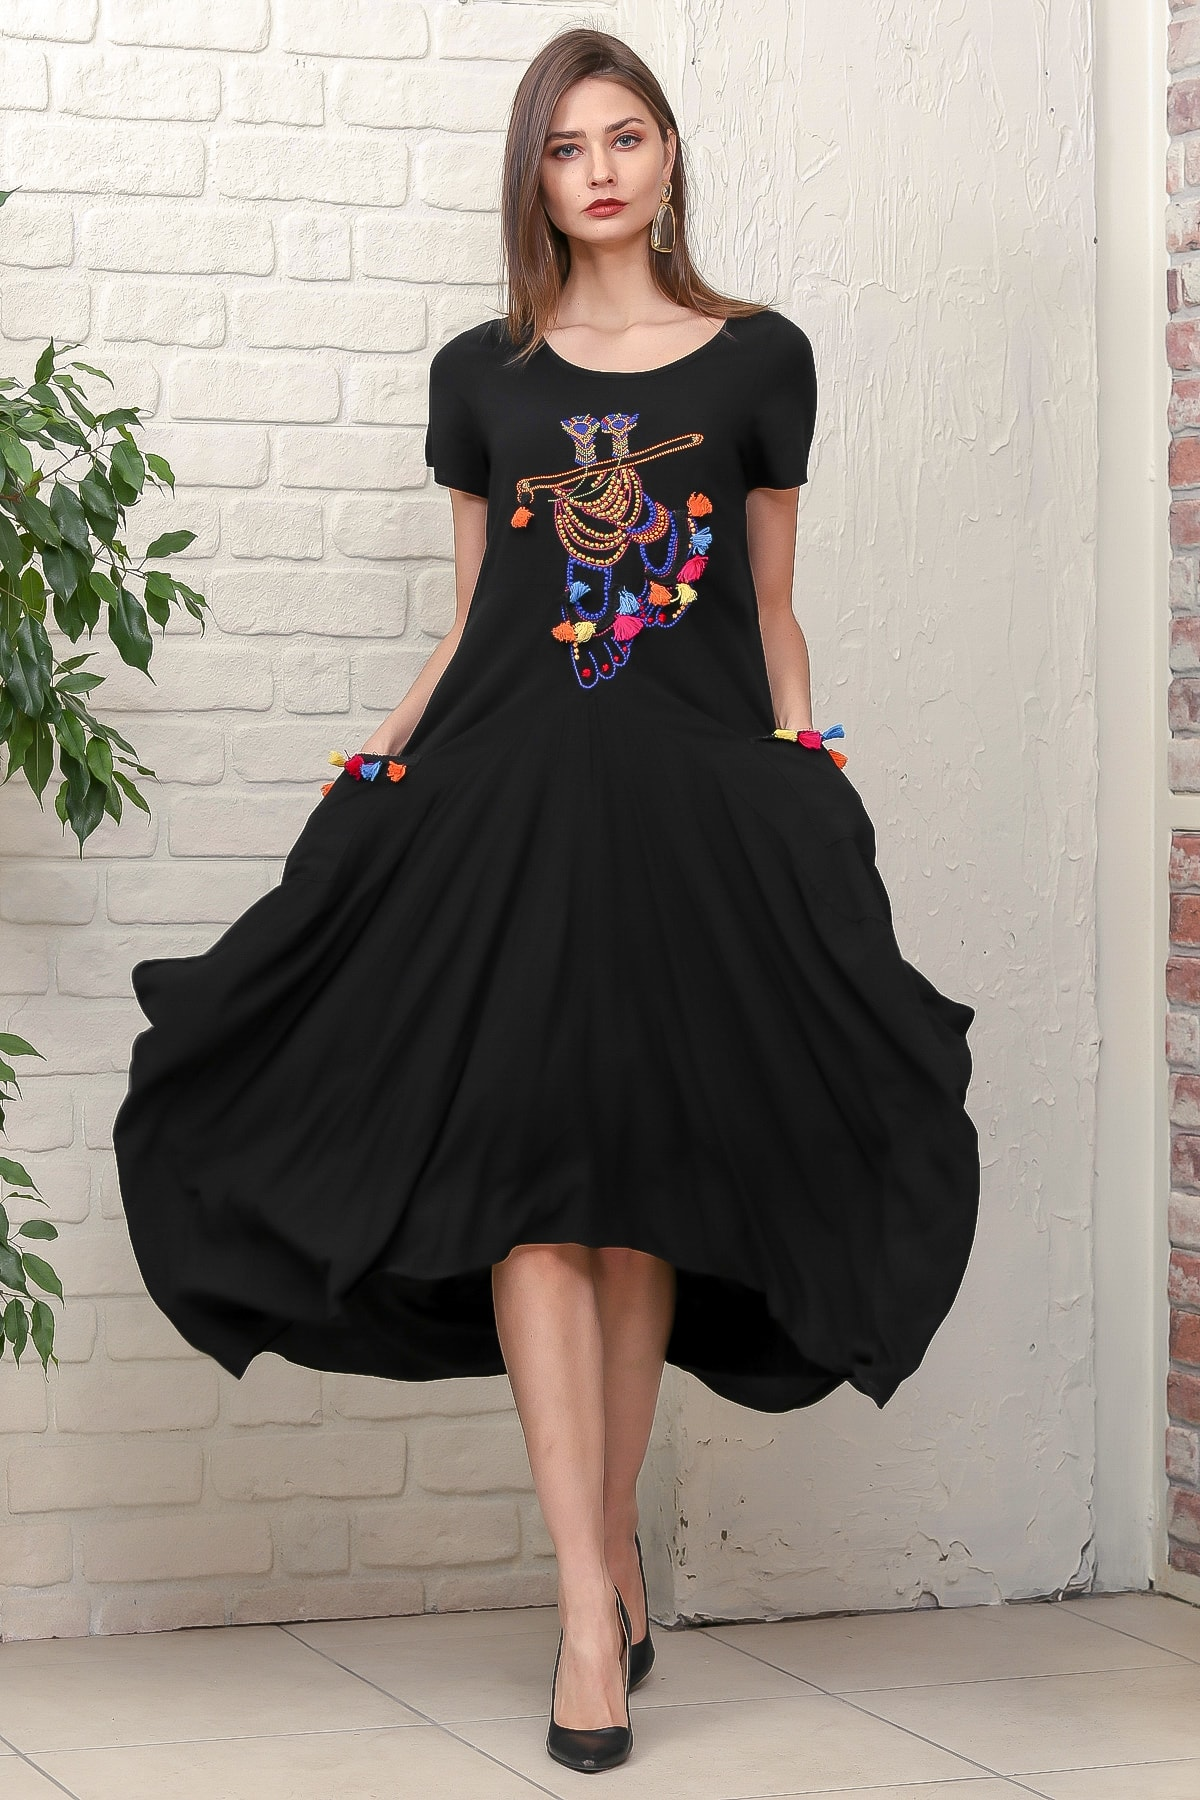 Chiccy Kadın Siyah Bohem Ayak Nakışlı Yarım Kollu Cepli Asimetrik Salaş Dokuma Elbise M10160000EL95884